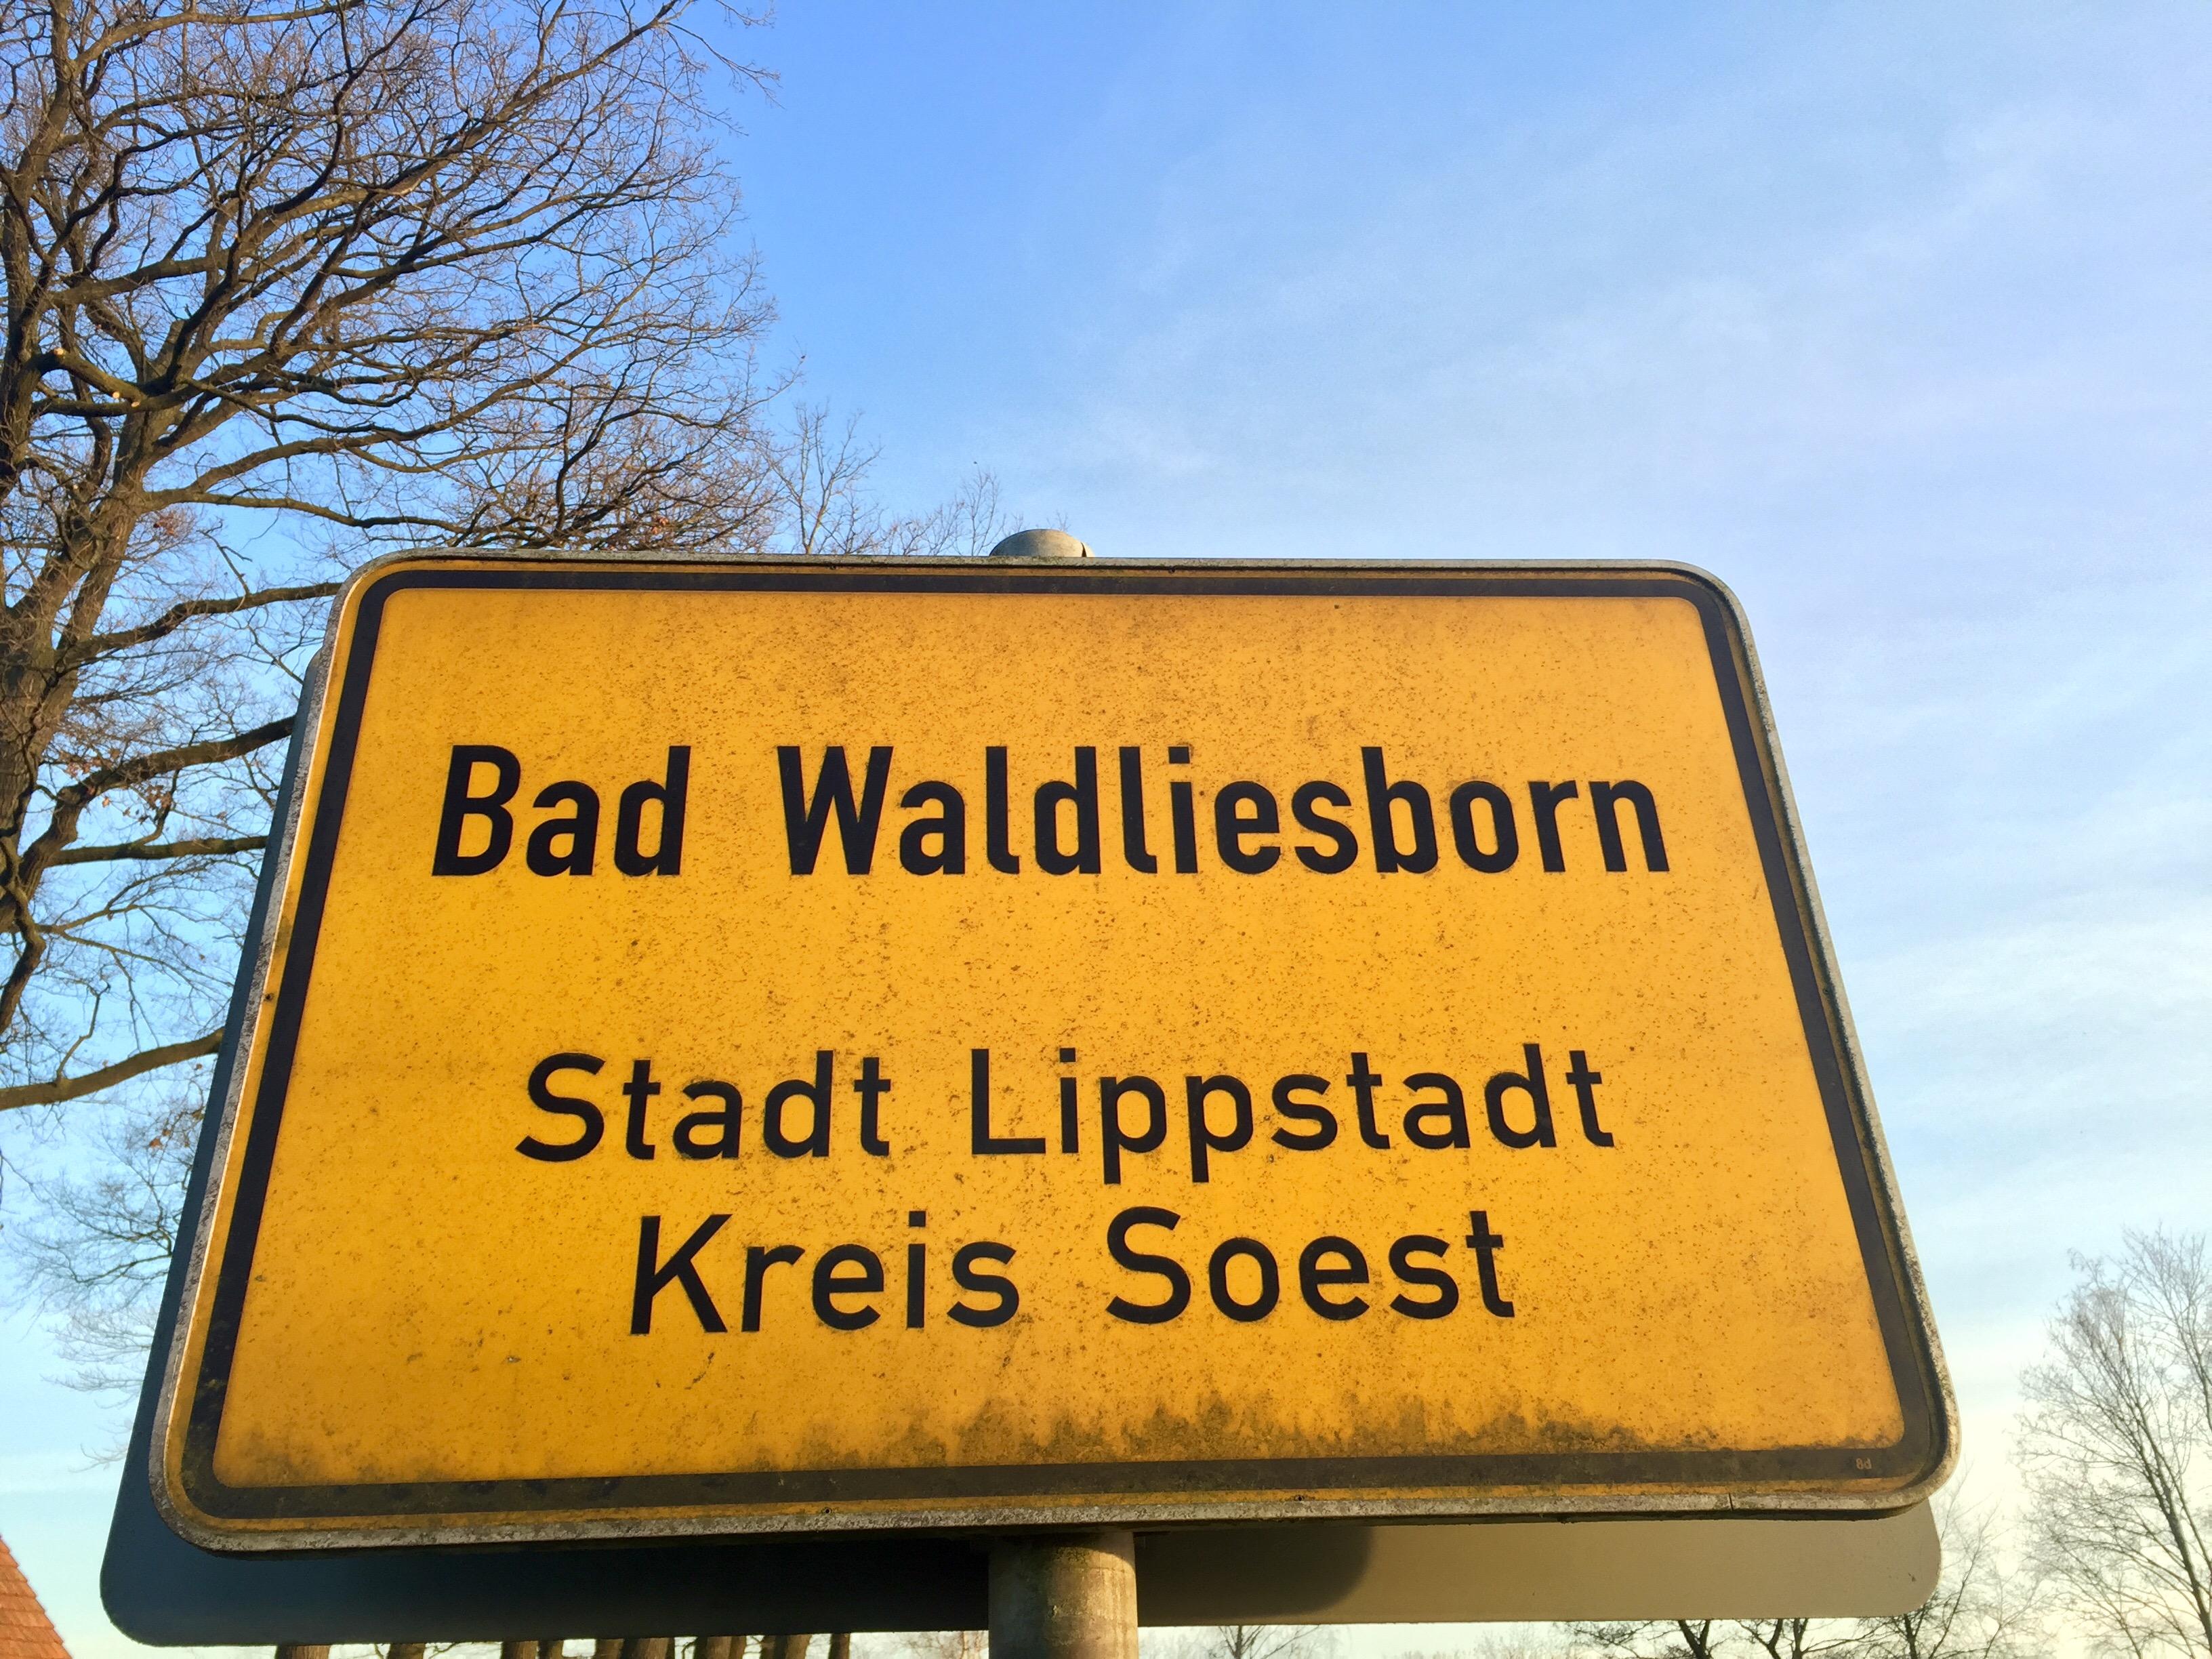 Bad Waldliesborn - einer der Stadtteile von Lippstadt mit schönen Unterkünften in Hotels, Pensionen und Ferienwohnungen